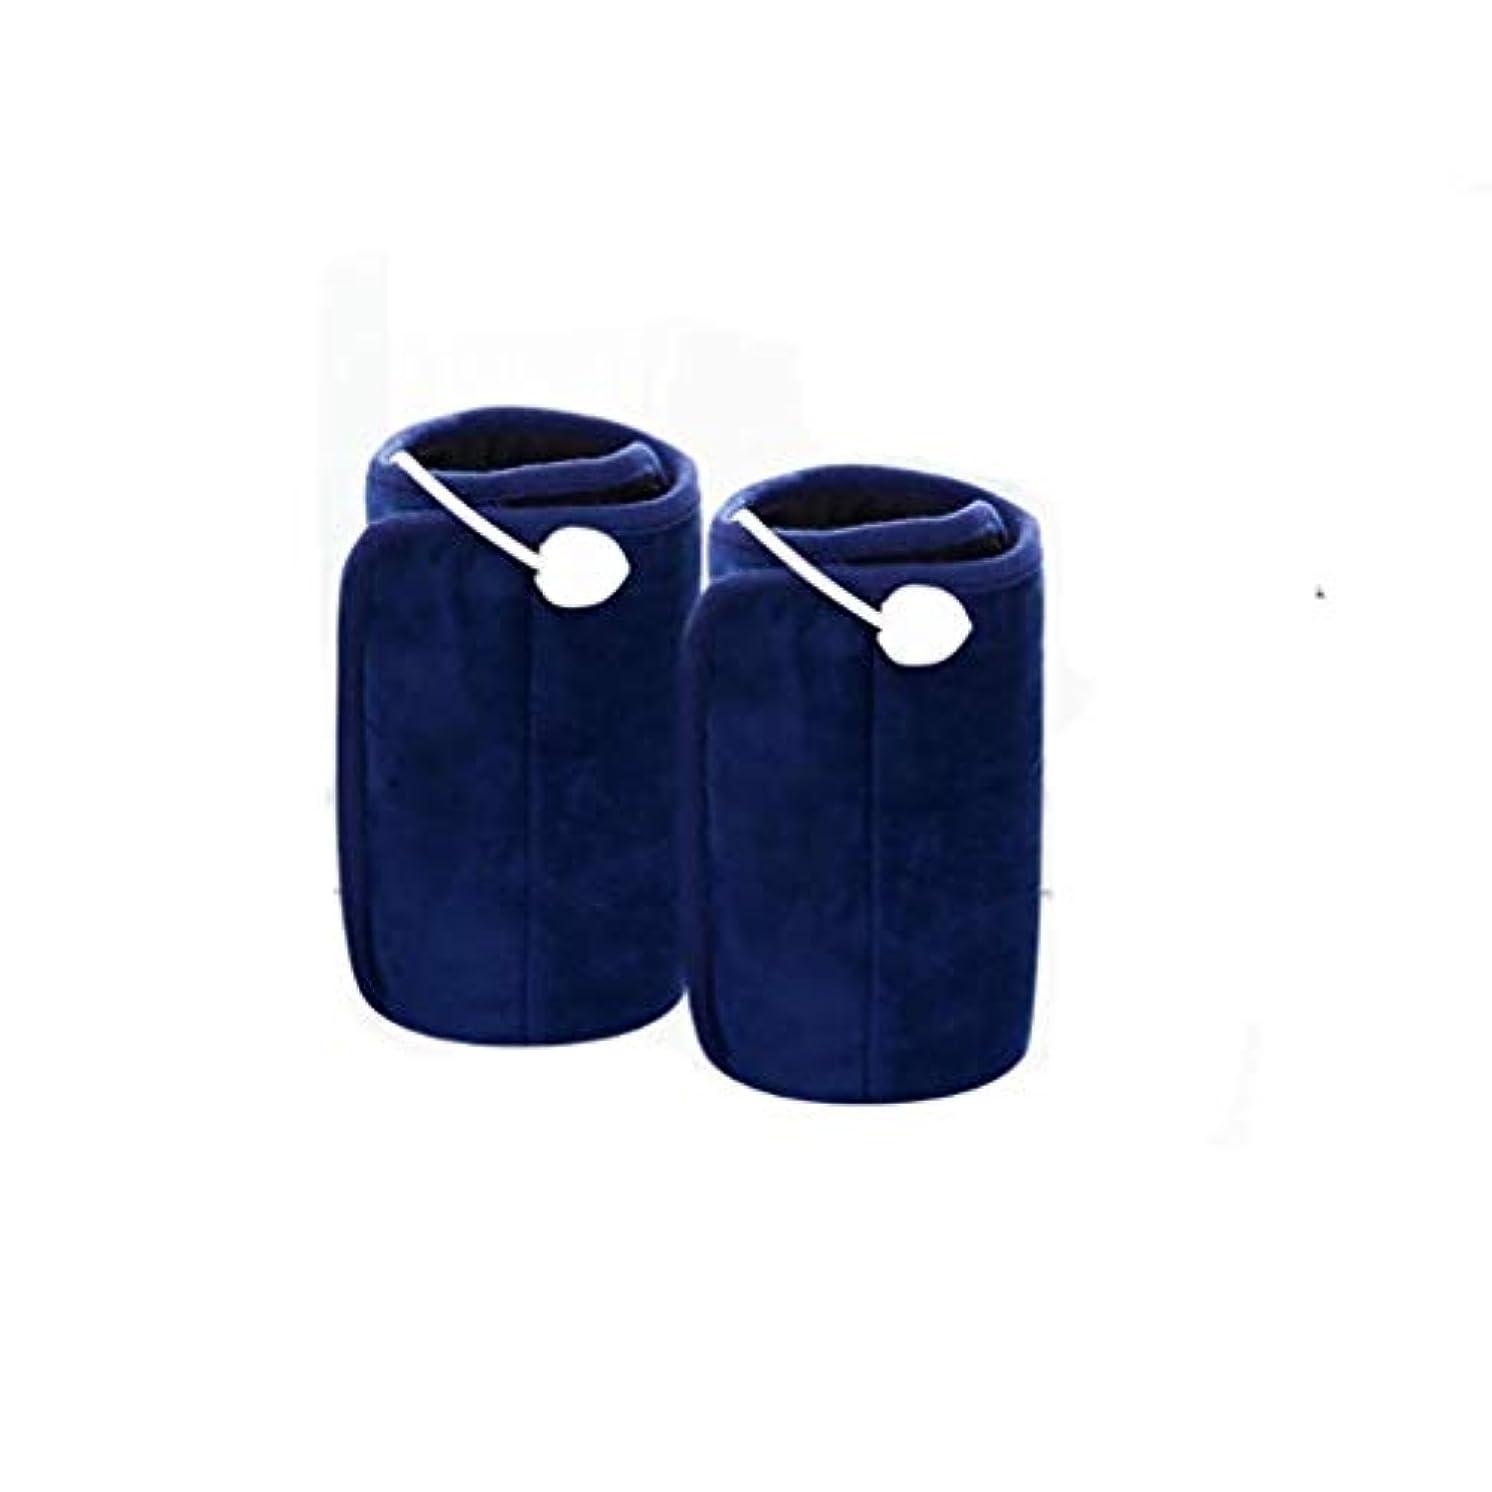 ピンバター重力電気膝パッド、温かい古い膝、携帯式膝加熱、360°oxi温かい家庭用スマート温度調整